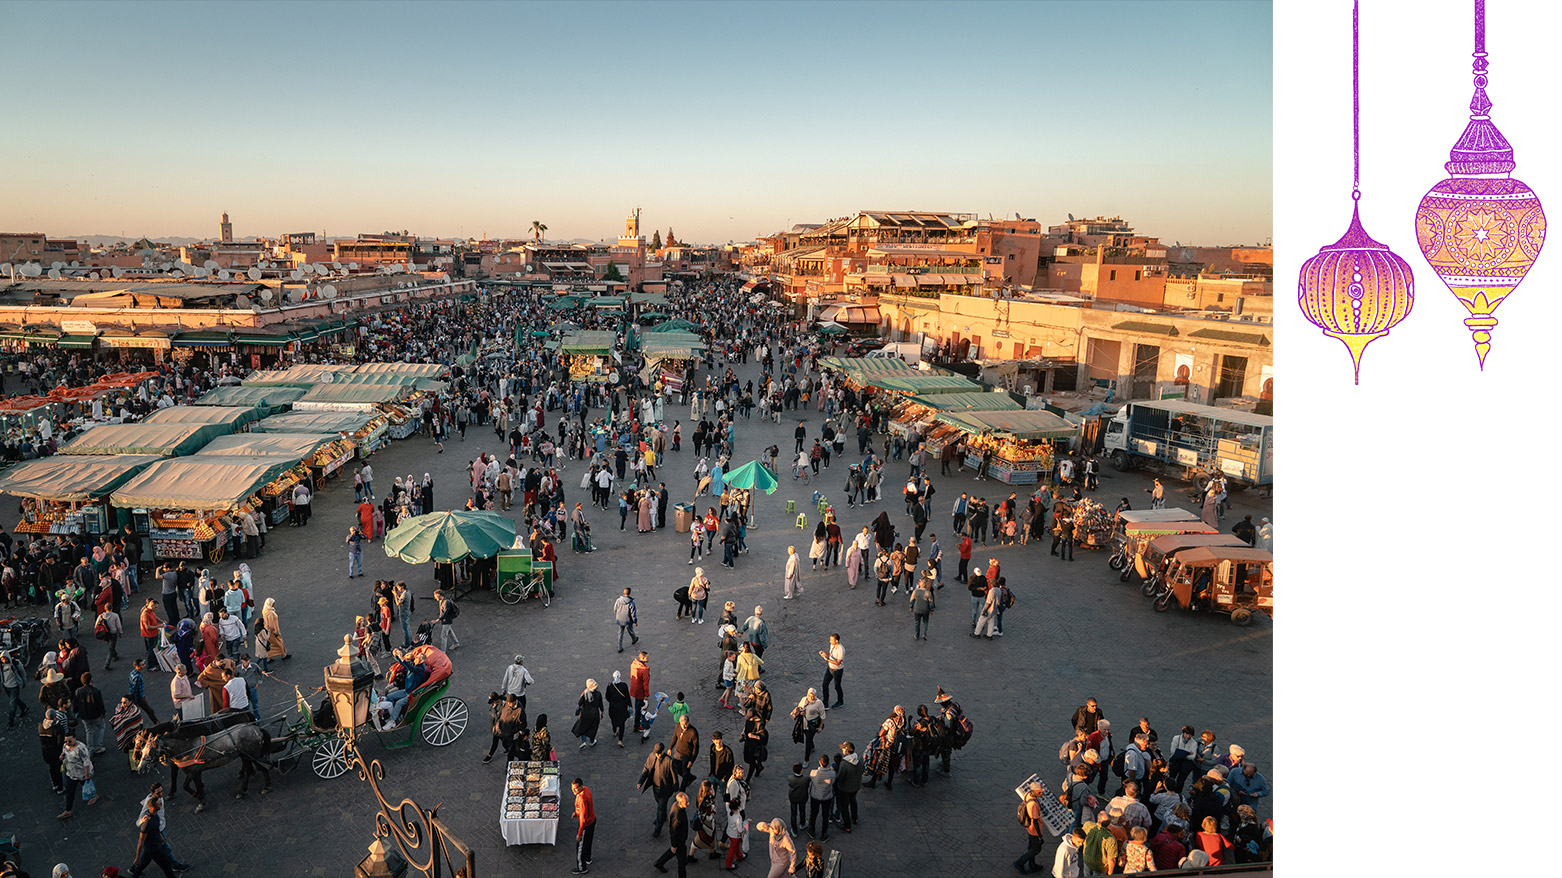 miglior sito di incontri Marocco